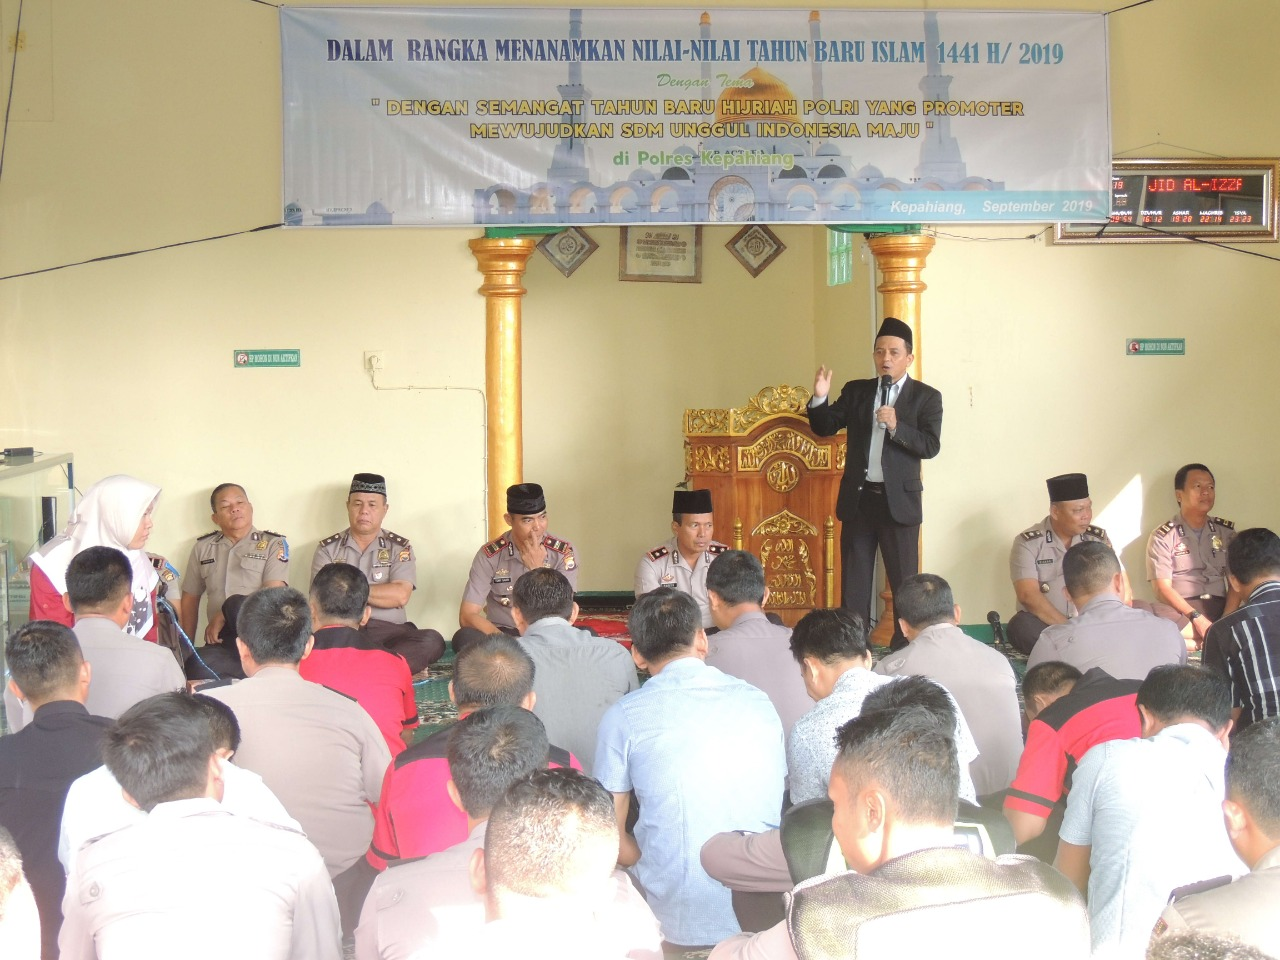 Peringati Tahun Baru Islam 1 Muharam 1441 H, Polres Kepahiang Gelar Pengajian